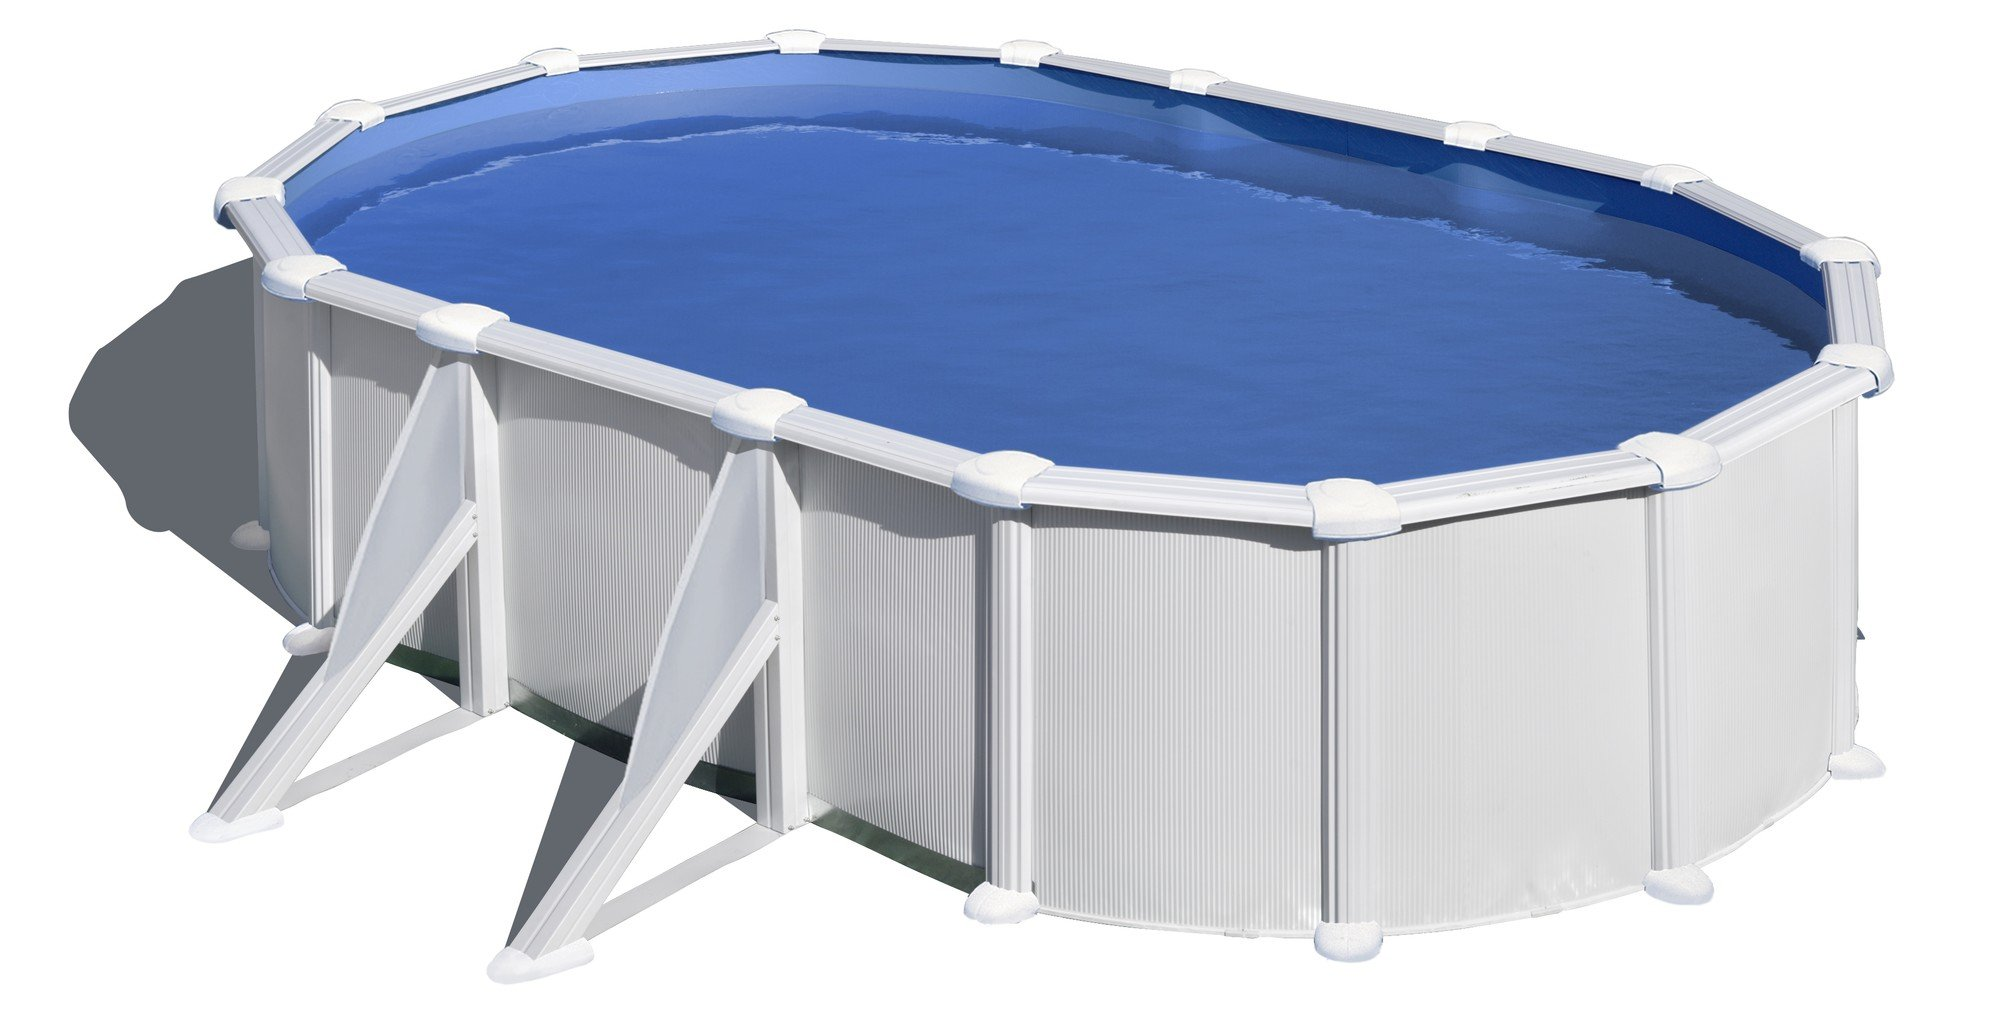 Afbeelding van Gré Atlantis stalen zwembad - 500 x 300 x 132 cm